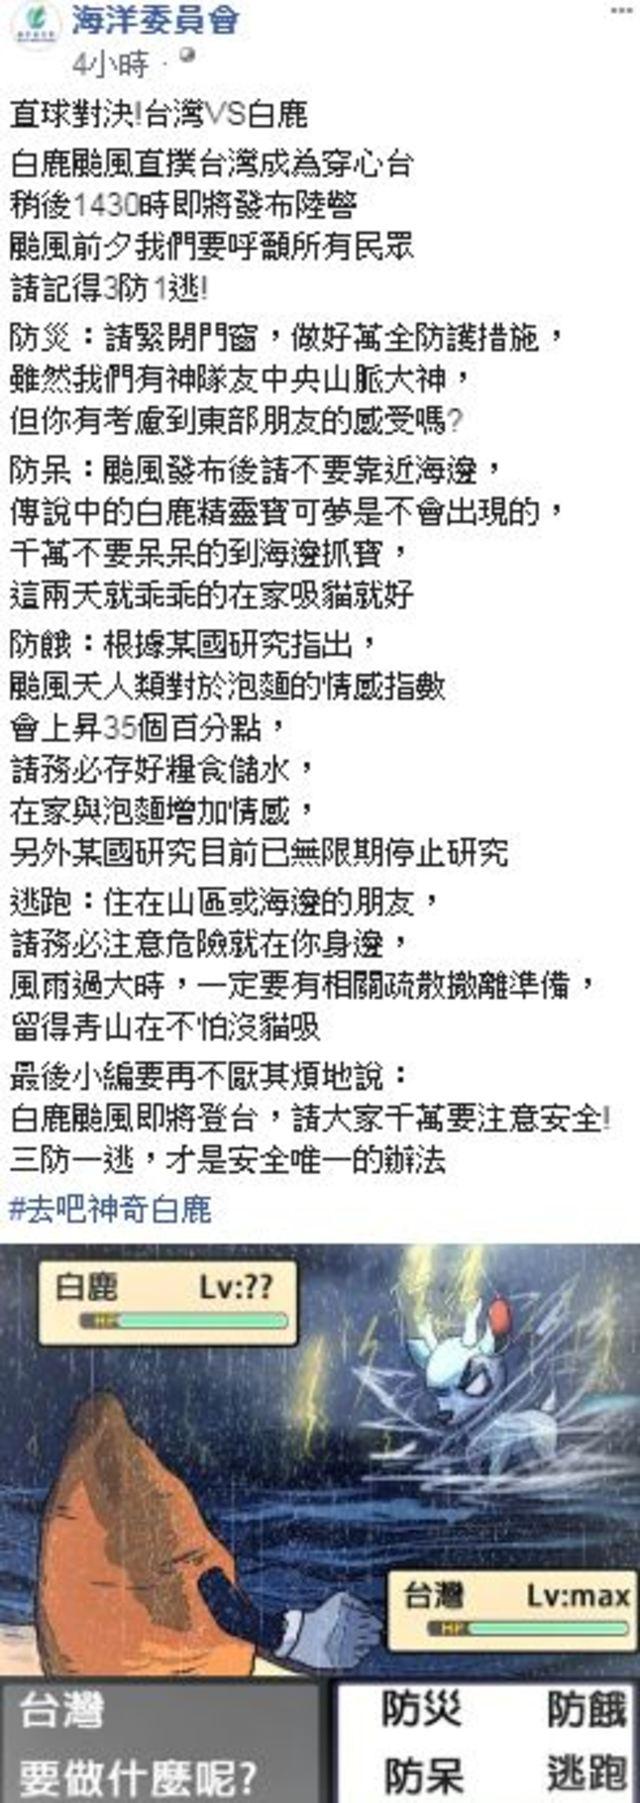 海洋委員會籲颱風「三防一逃」 宣導圖網友笑翻! | 海洋委員會提醒民眾颱風注意事項。(翻攝自臉書海洋委員會)